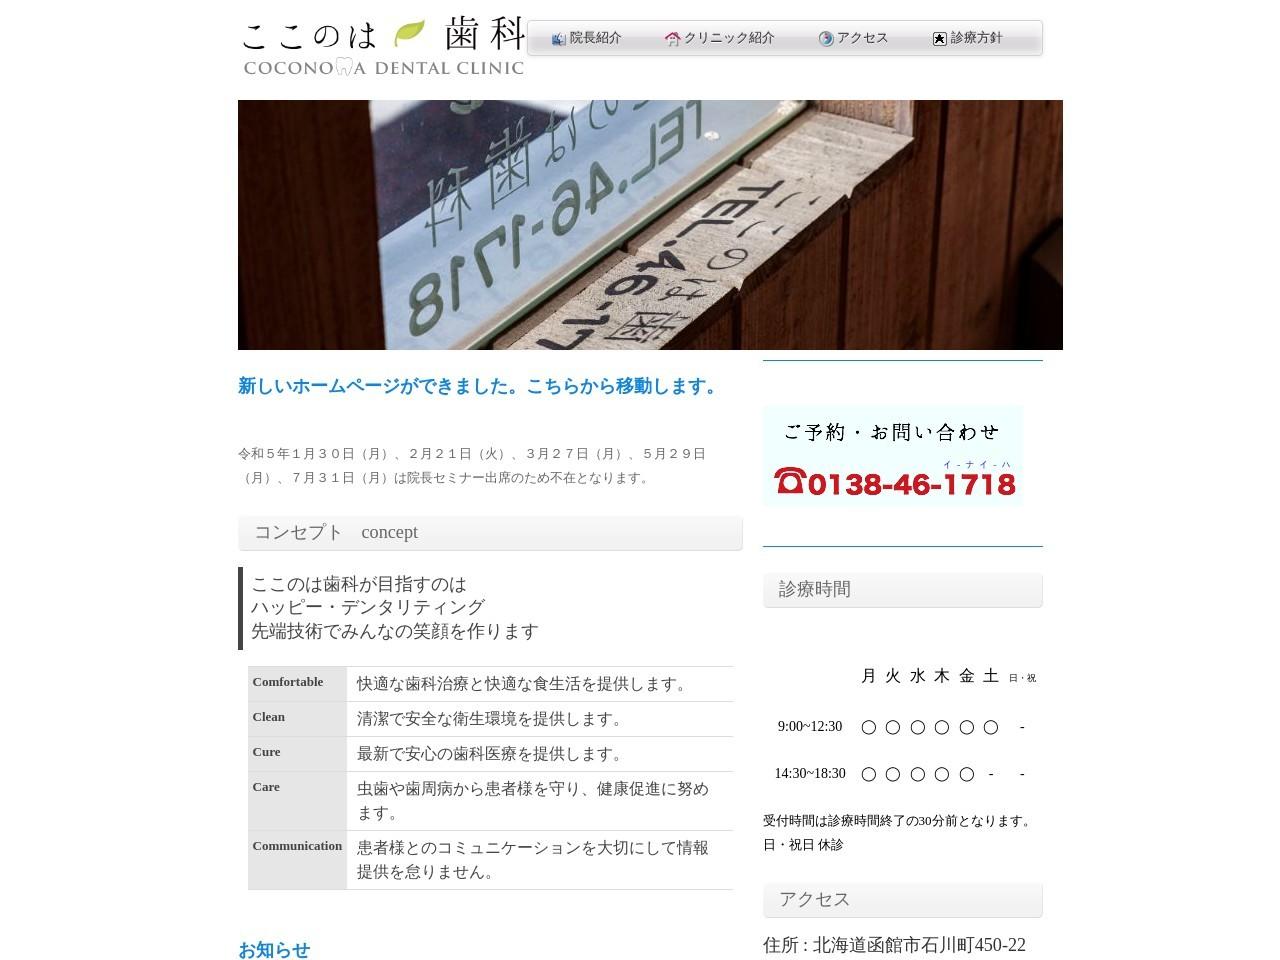 ここのは歯科 (北海道函館市)